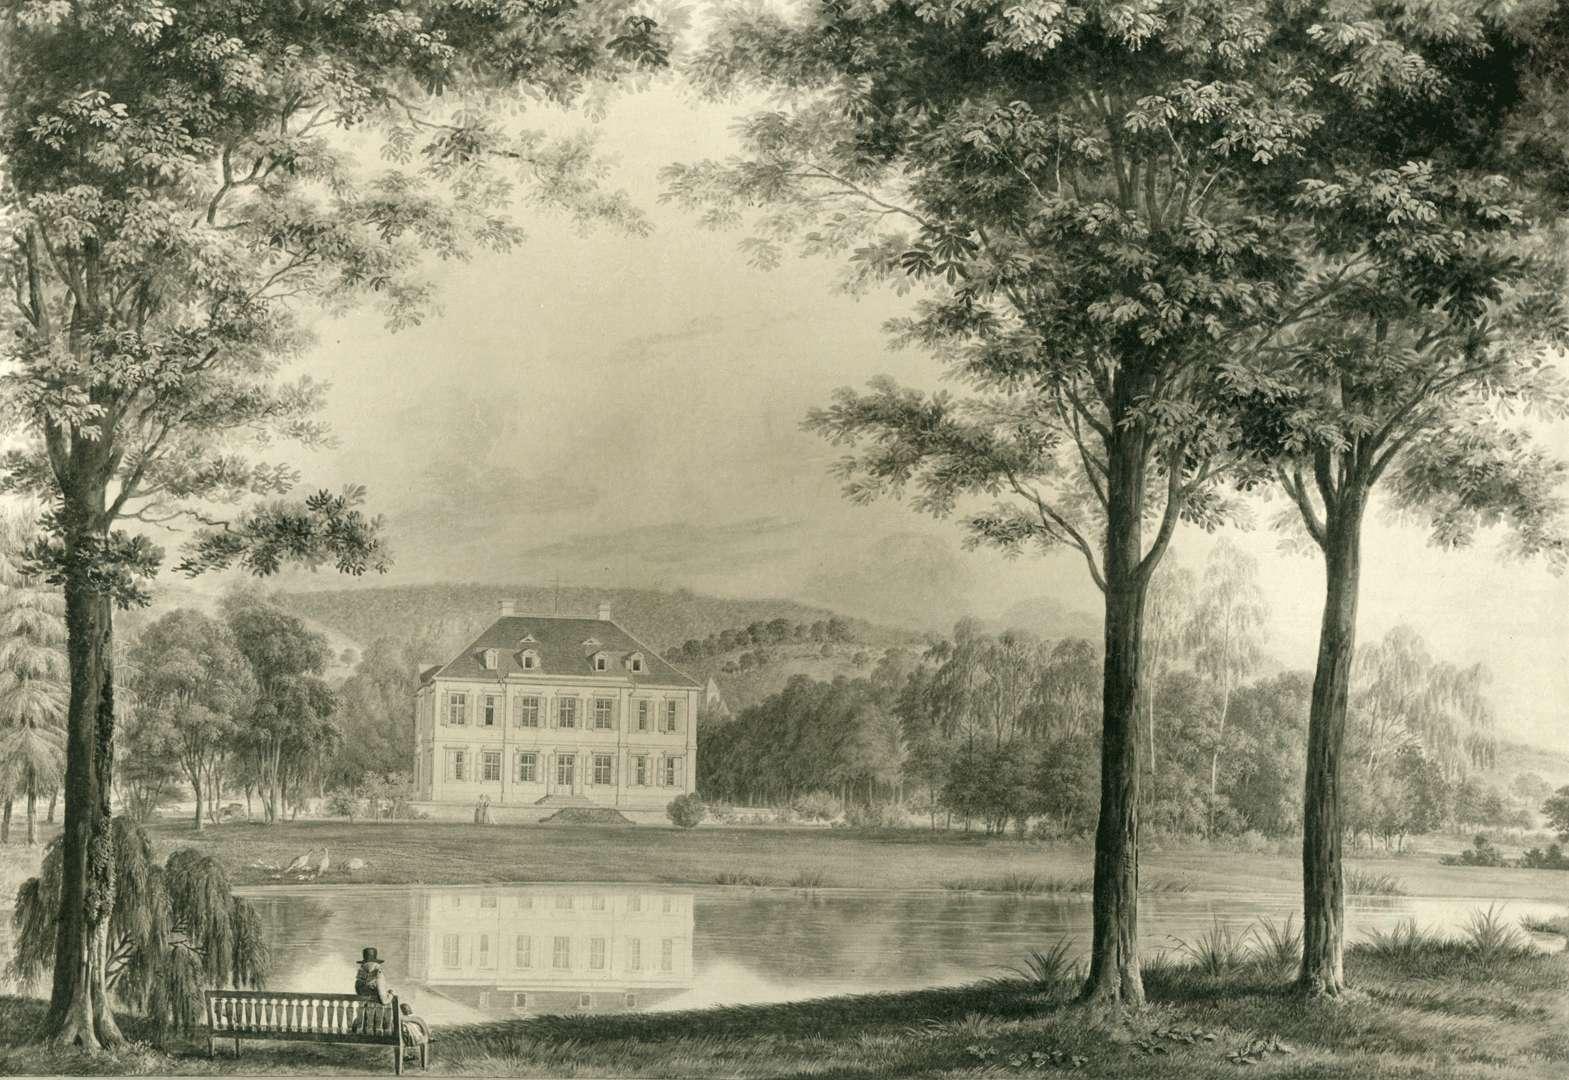 Vue de la maison de campagne à Rohrbach, Bild 1